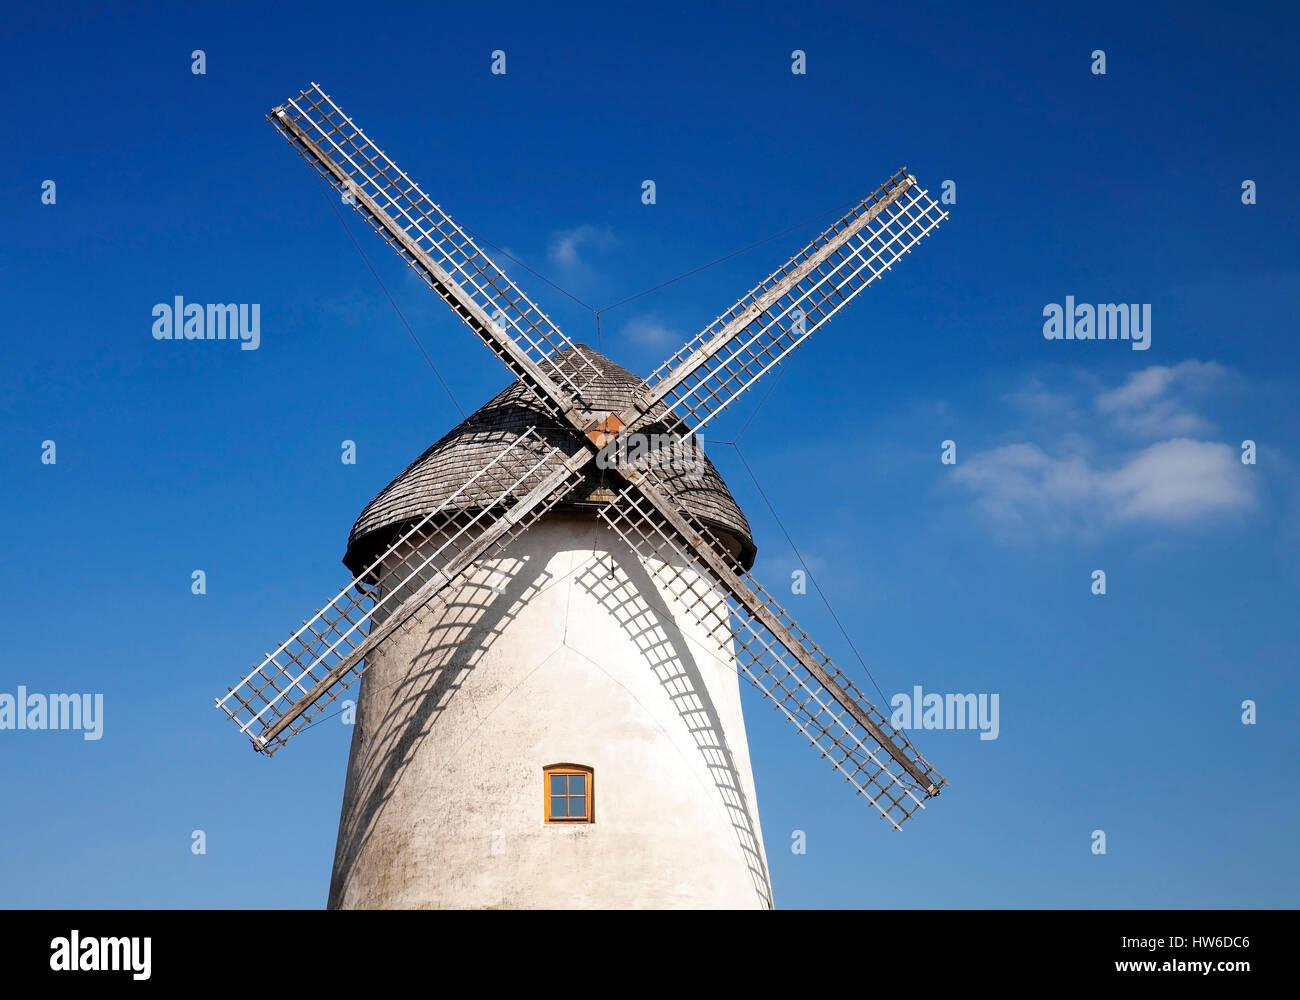 Windmuehle, Enningerloh, Kreis Warendorf, Muensterland, Nordrhein-Westfalen, Deutschland, Europa - Stock Image